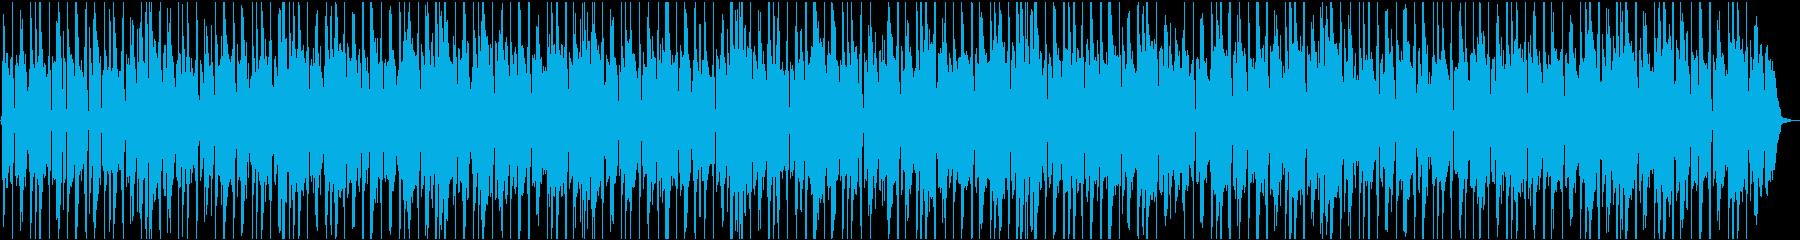 秋・冬・季節が移り変わるイメージ・チルの再生済みの波形